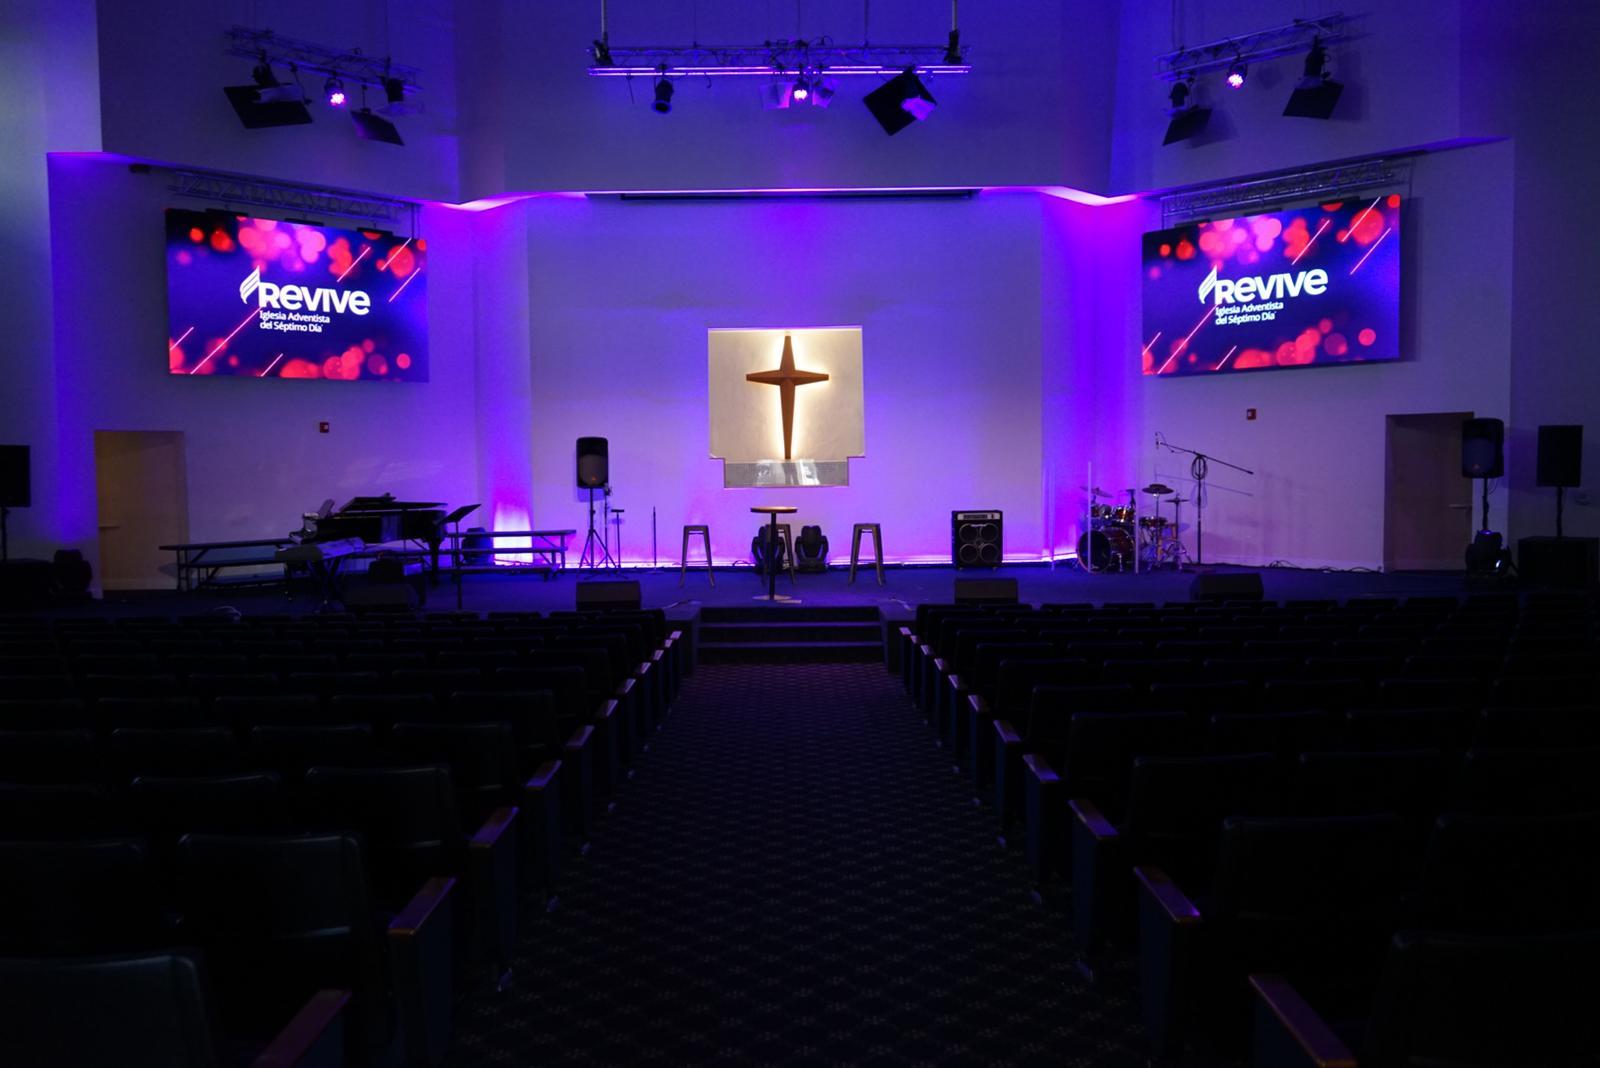 led church